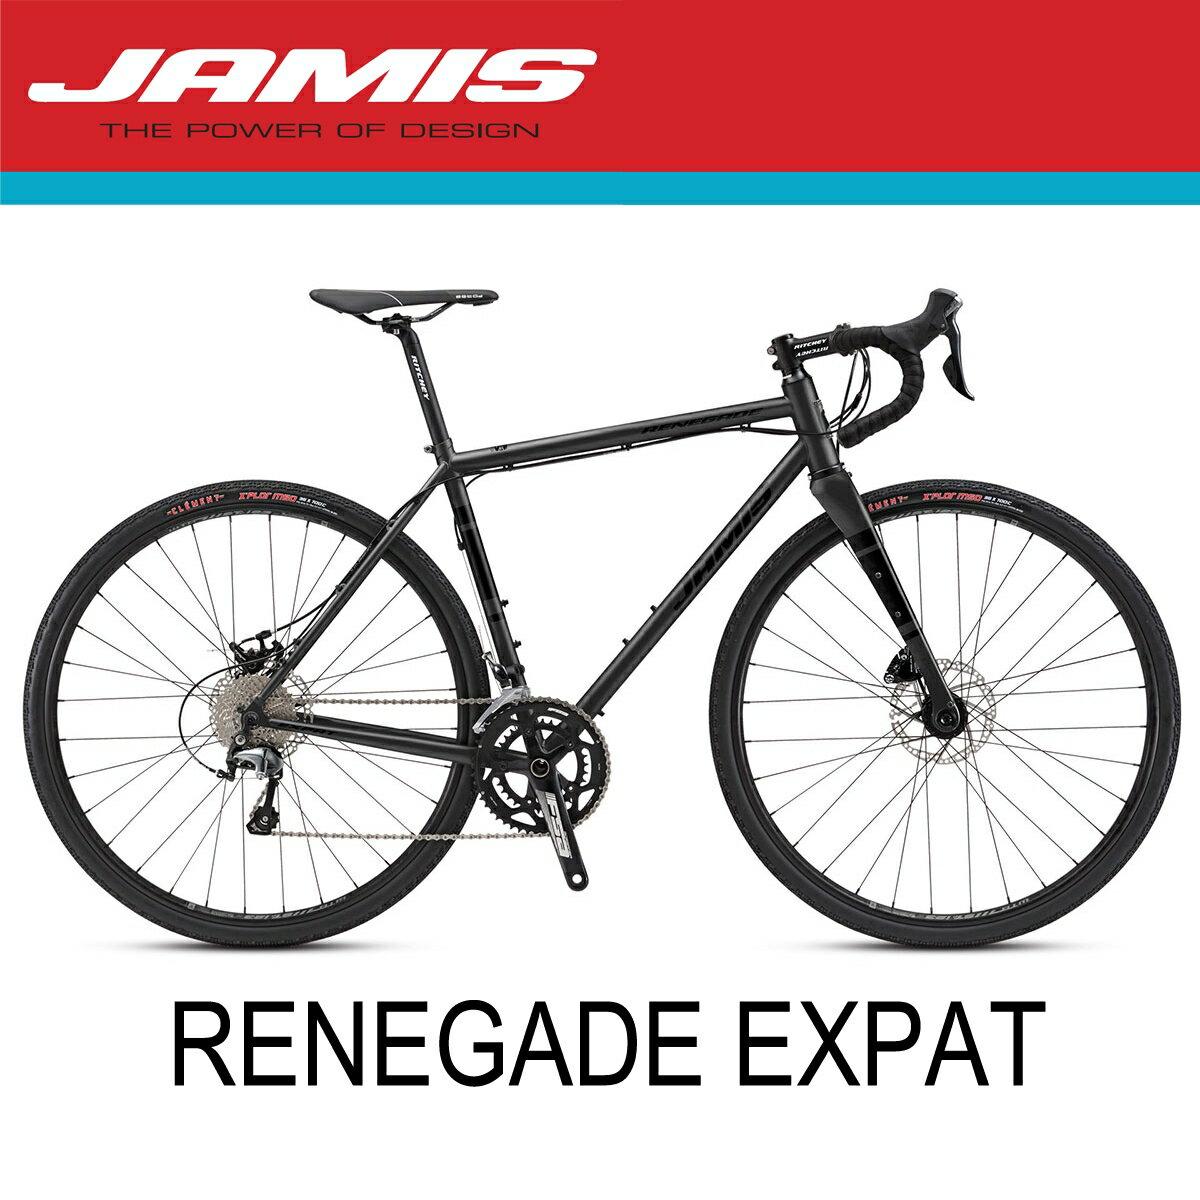 【2018年】JAMIS(ジェイミス) RENEGADE EXPAT(レネゲード エクスパット)CHARCOAL(チャコール)【プロの整備士による整備組付済】【丸太町店(スポーツ専門)展示中】